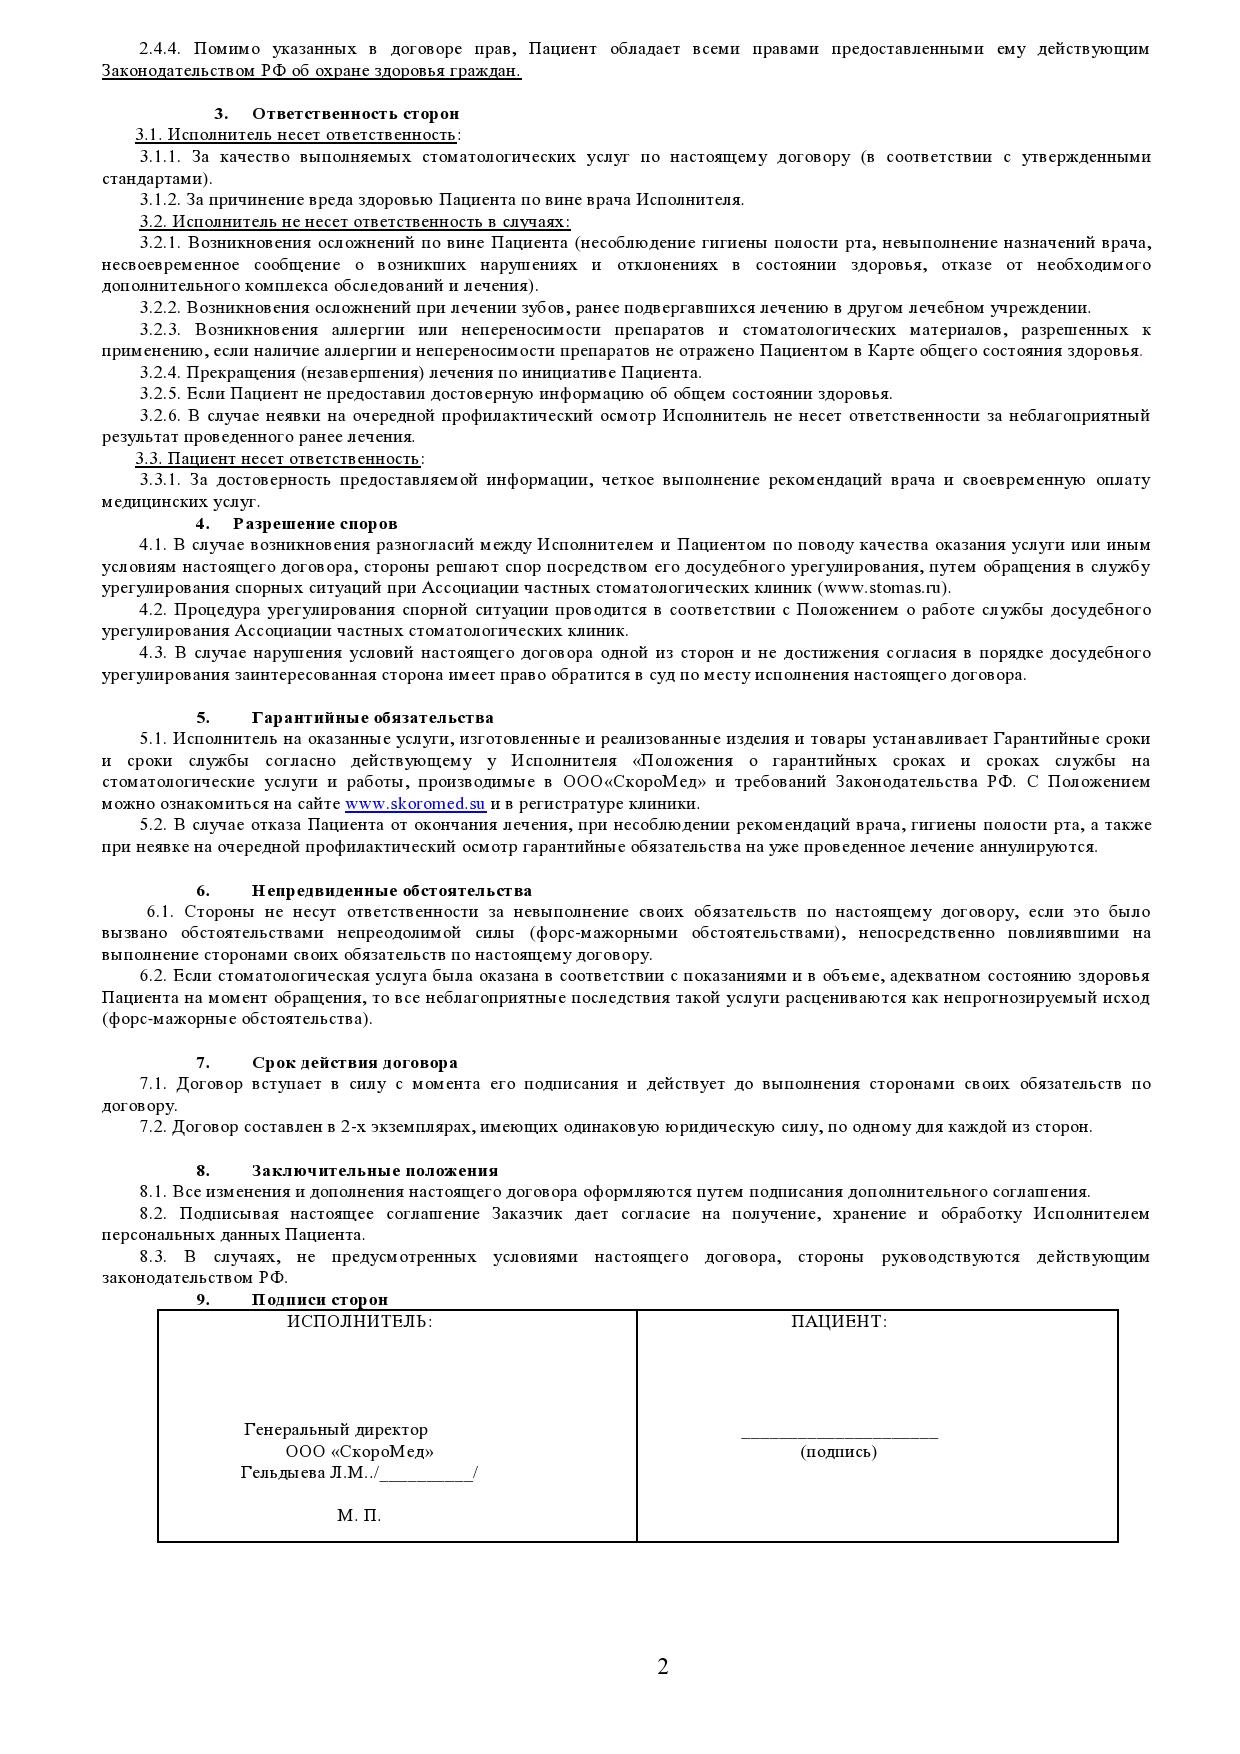 Договор на стоматологические услуги страница 2